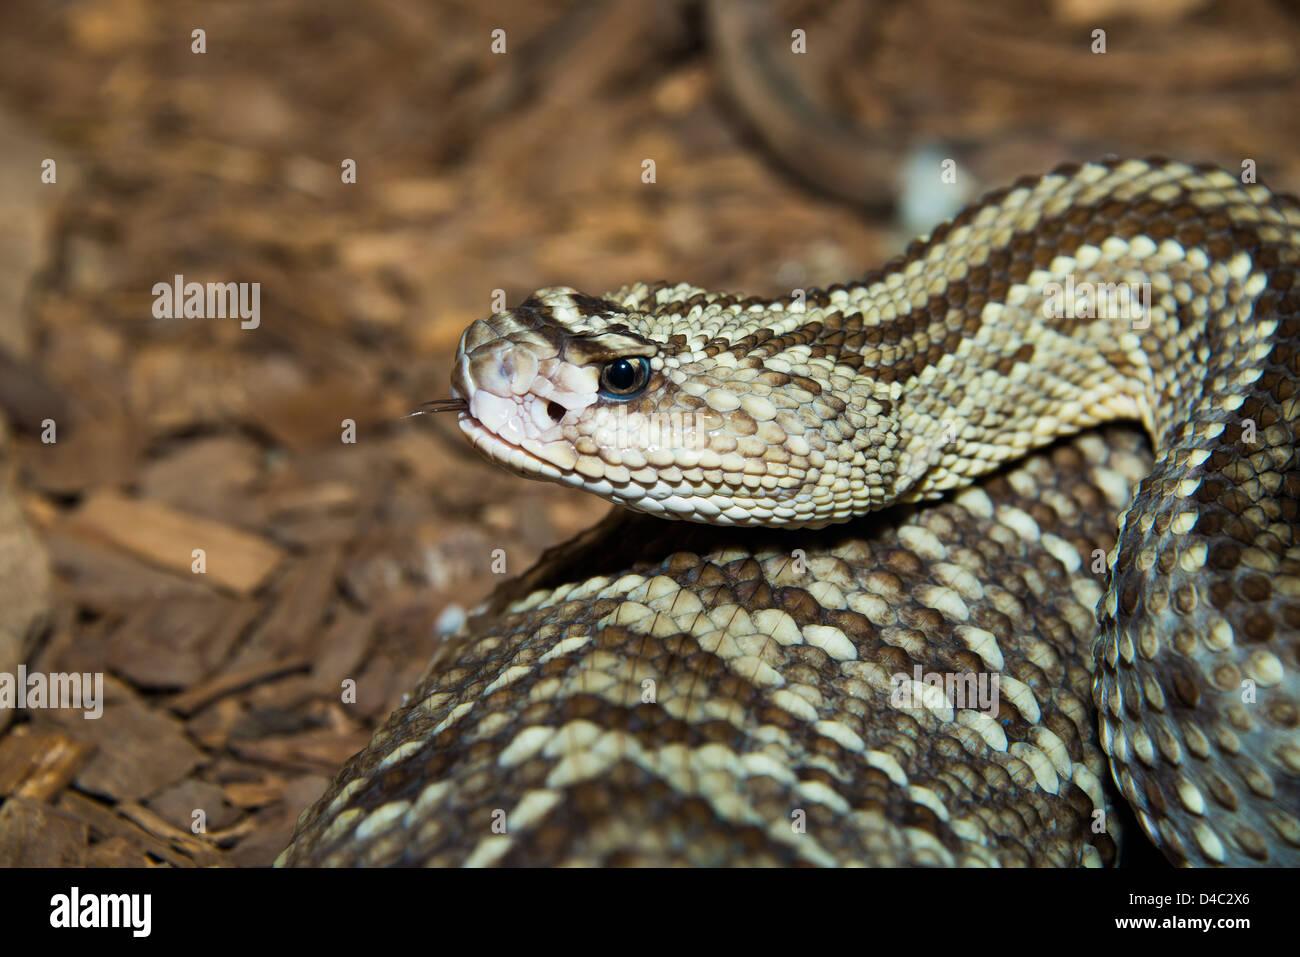 Esta es una imagen de una serpiente Imagen De Stock